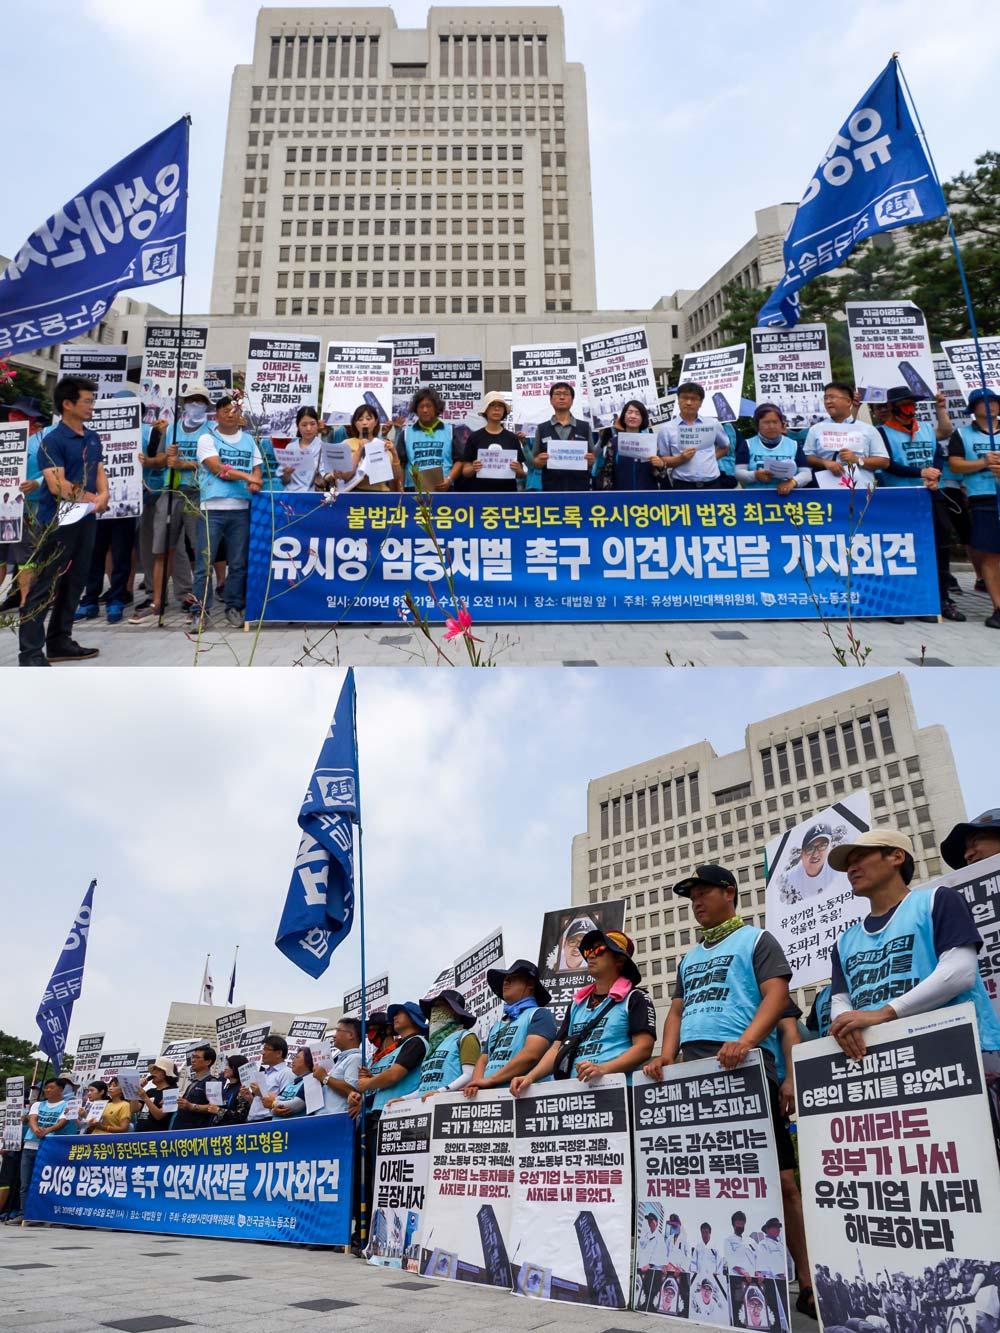 유시영-엄중처벌-촉구-의견서-전달-기자회견-1_resize2.jpg